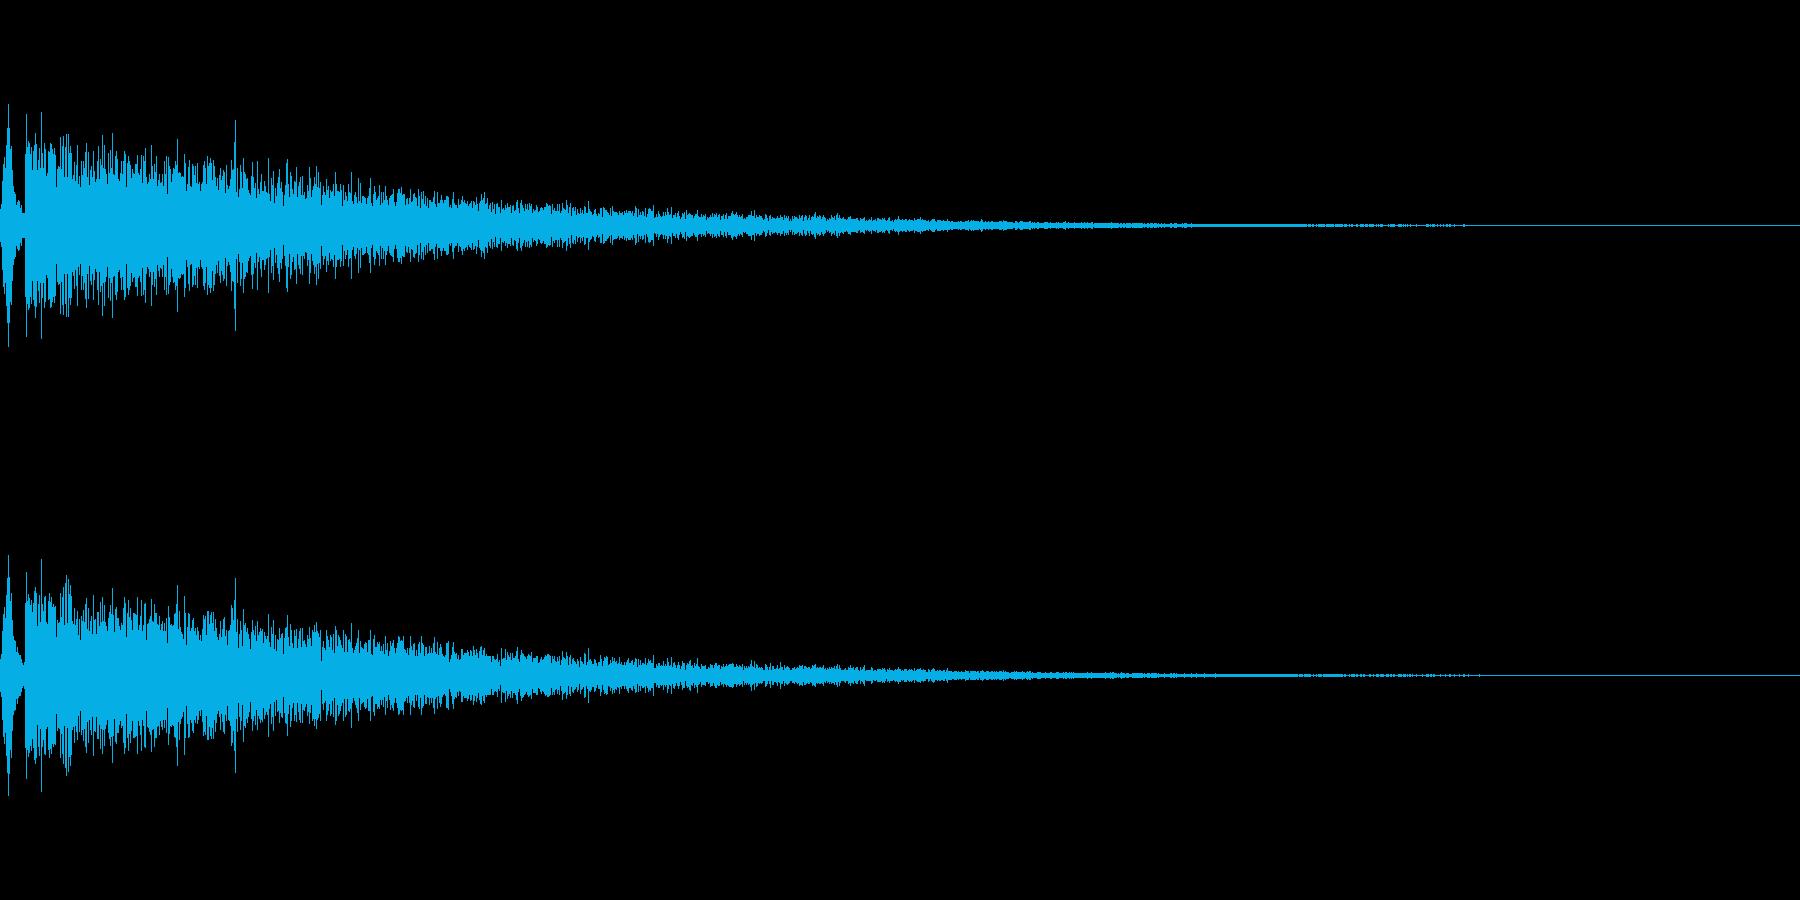 戦隊もの変身シーンの効果音シャキーン!の再生済みの波形